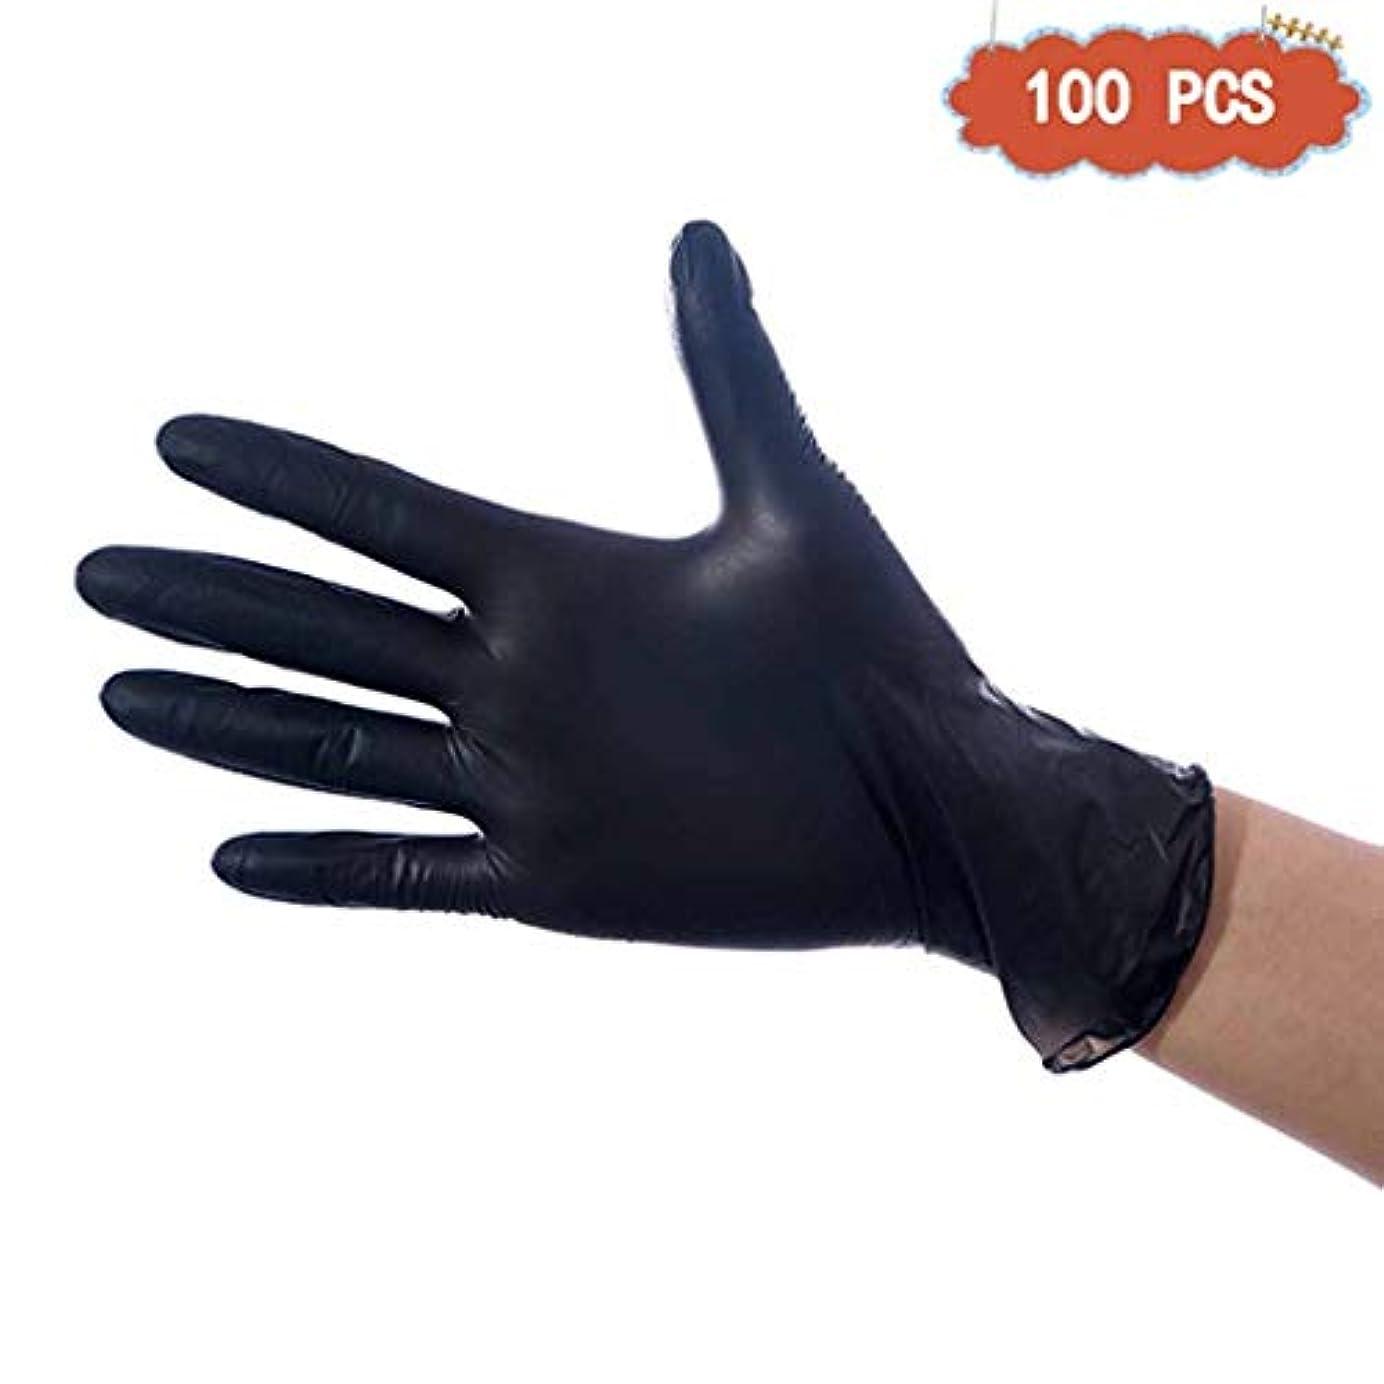 スーパーカロリーテーブルを設定するニトリル手袋手袋9インチネイルアートブラックニトリル保護手袋キッチンシェフオイルラテックスフリー、パウダーフリー、100個 (Size : M)